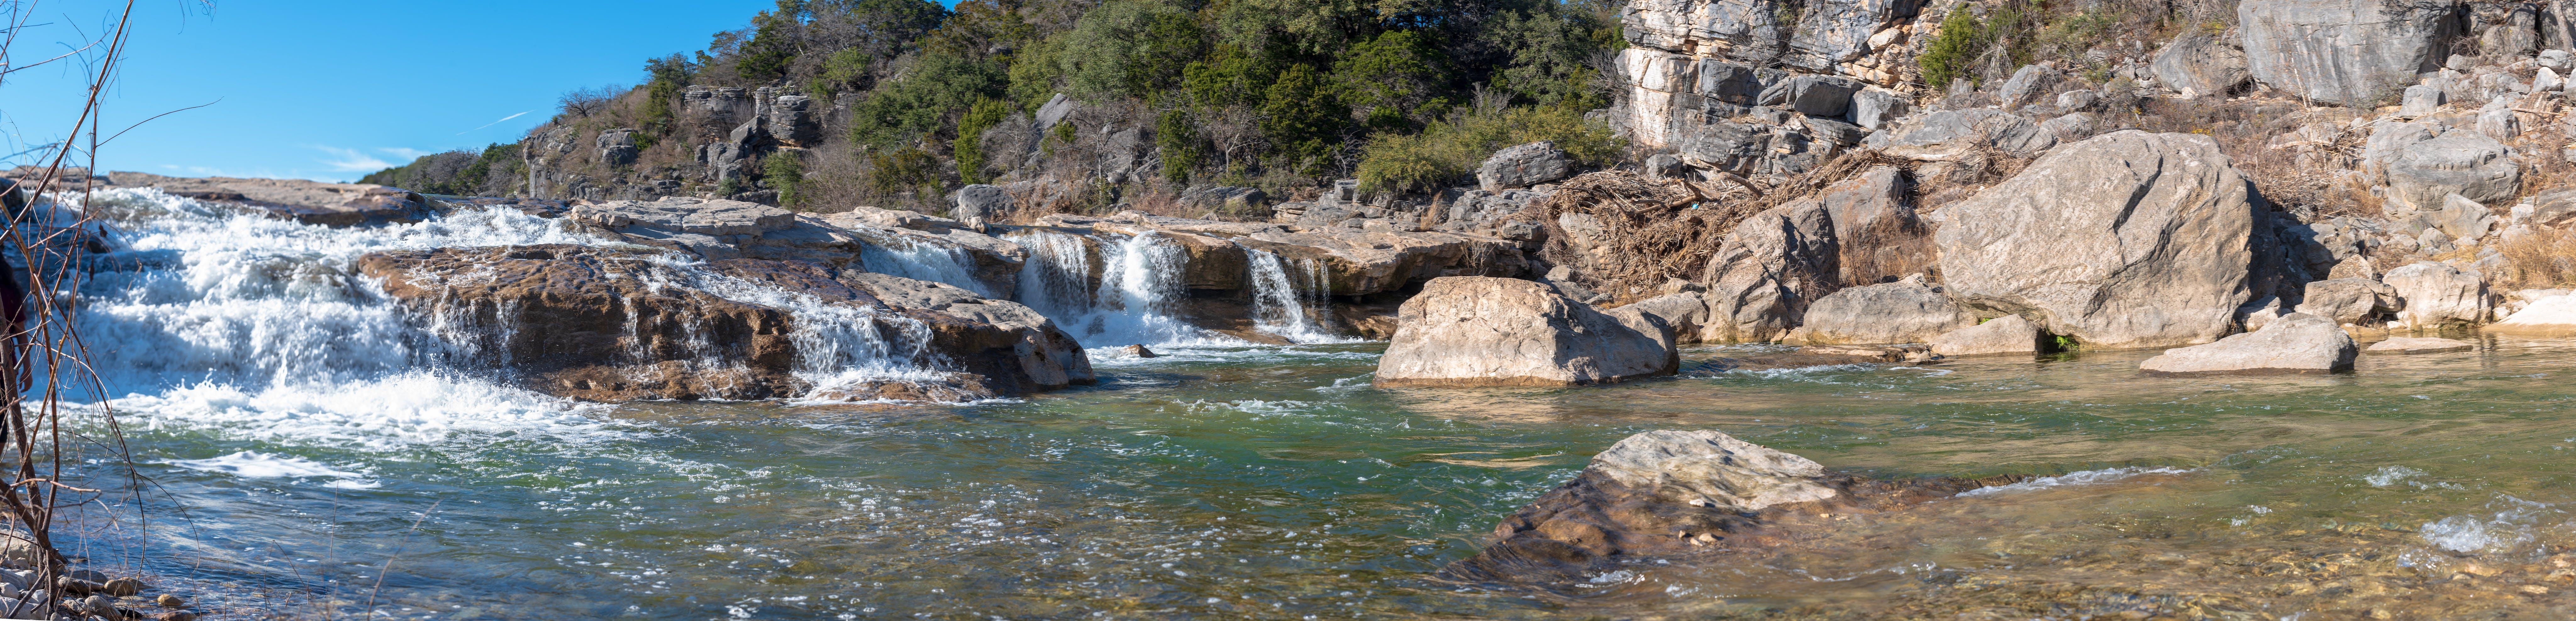 Základová fotografie zdarma na téma krajina, pádu vody, pedernales falls